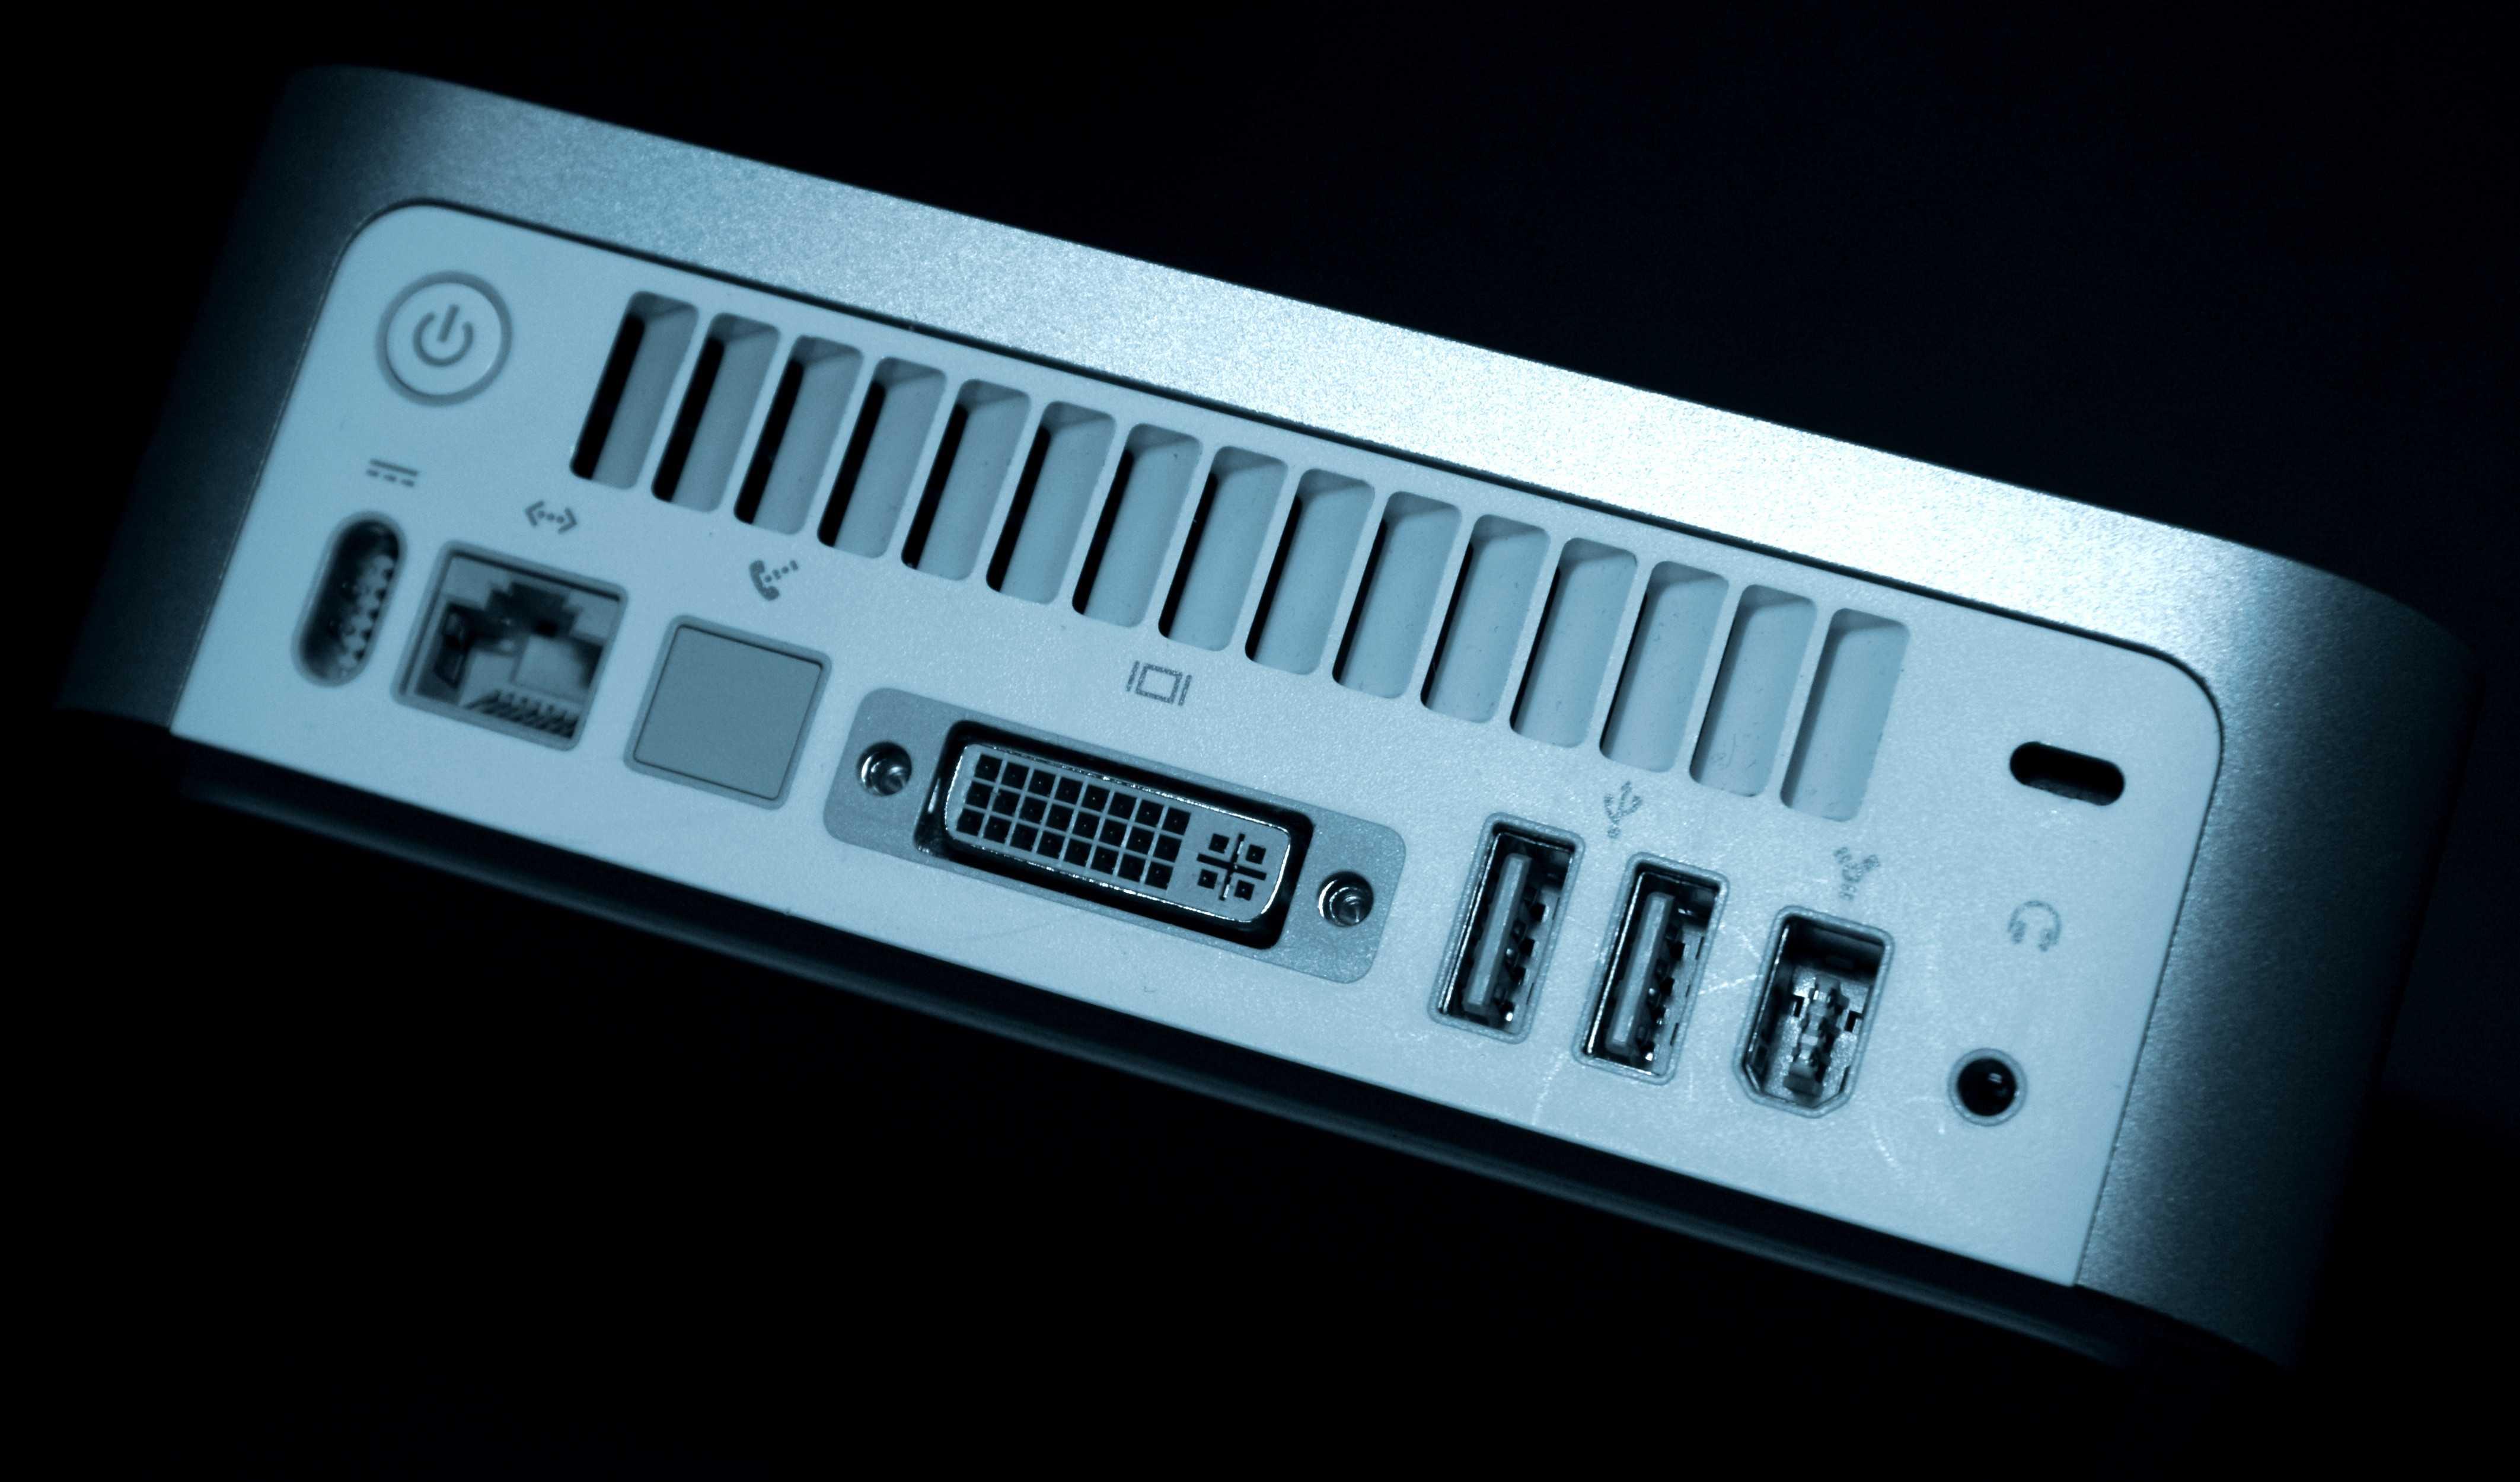 Самые маленькие компьютеры в мире: топ-10 крошечных пк